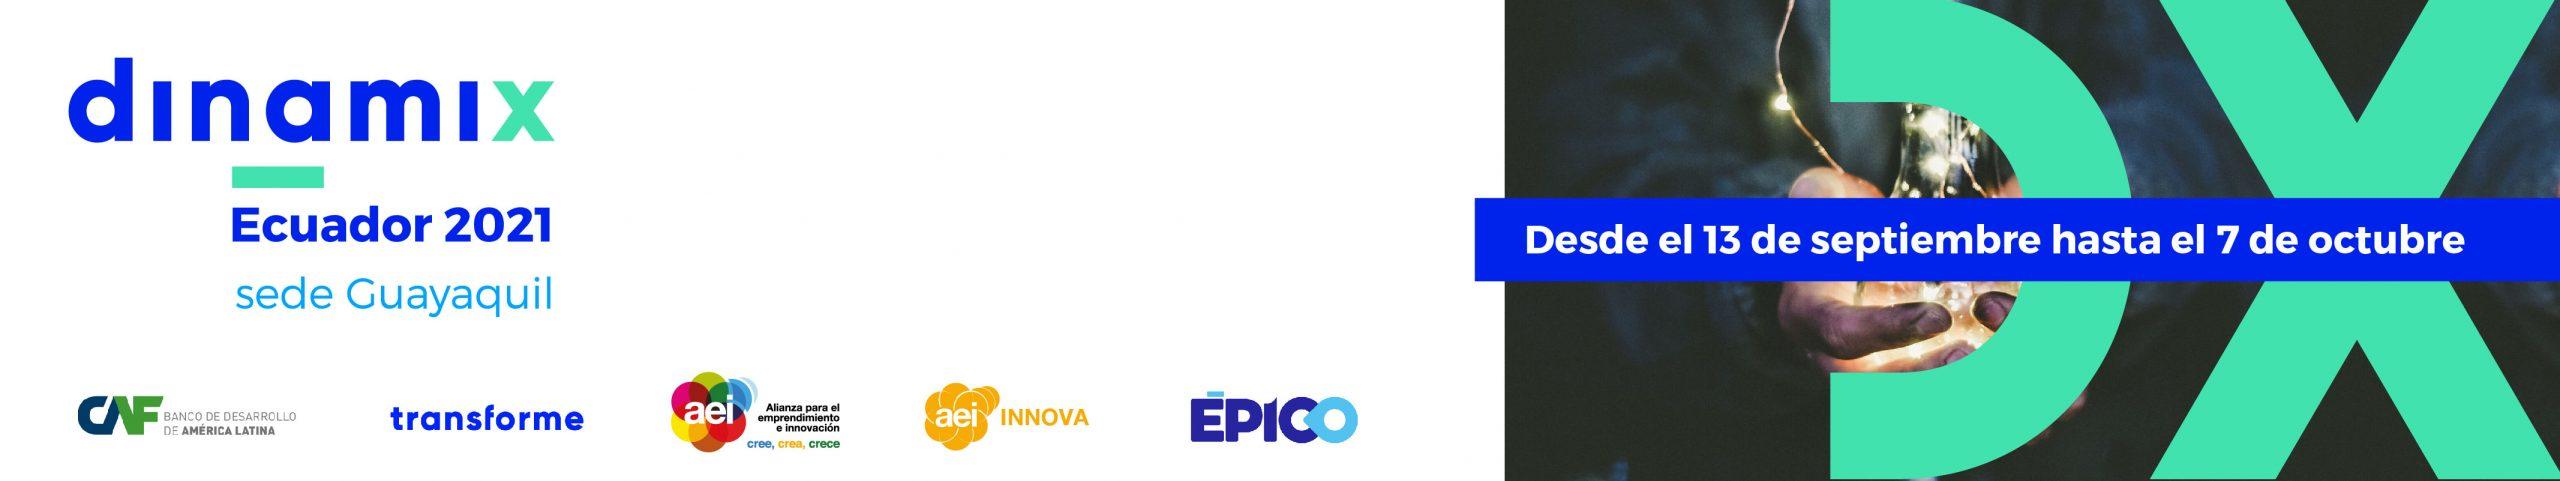 Innova con tu empresa con el programa Dinamix Ecuador